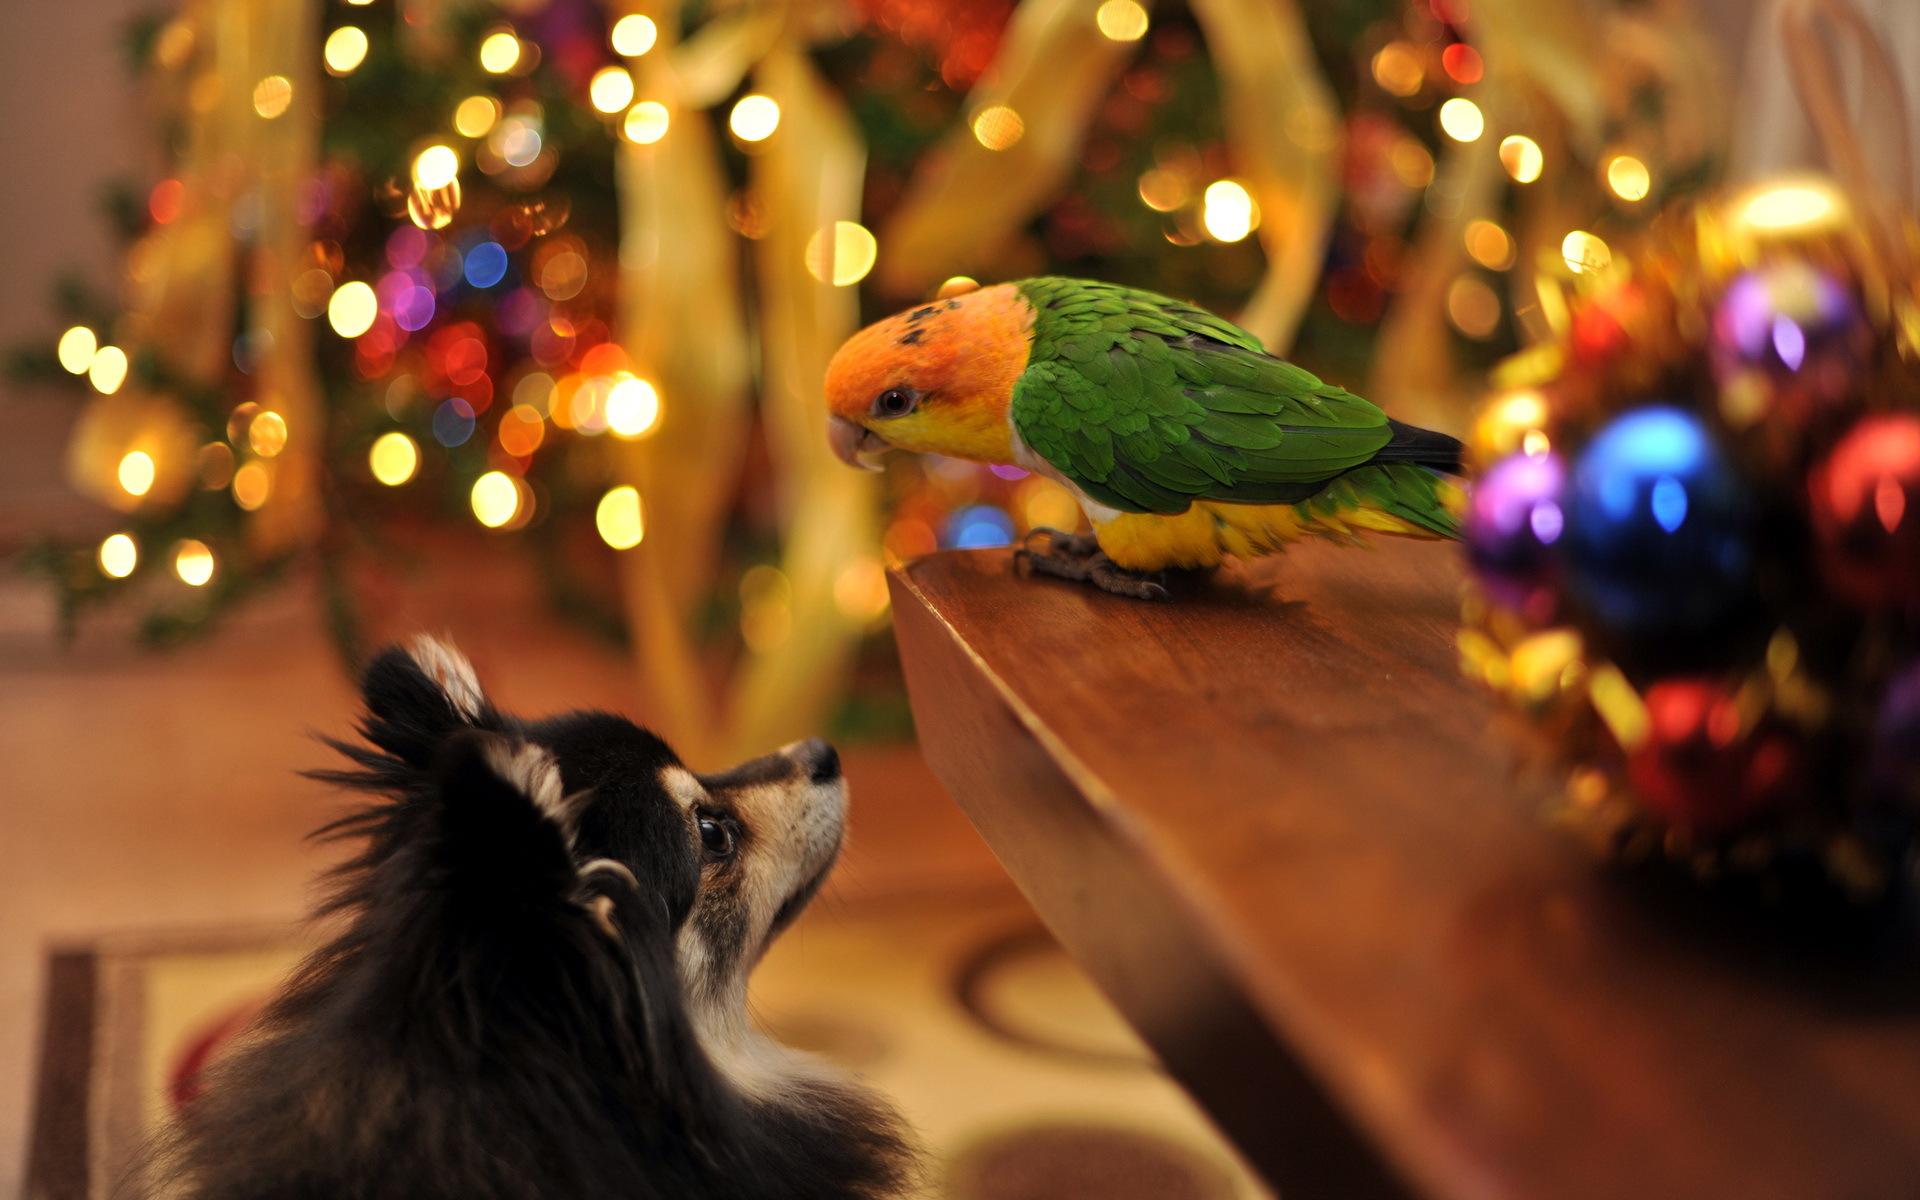 Собака и попугай встречают Рождество - C Рождеством Христовым поздравительные картинки